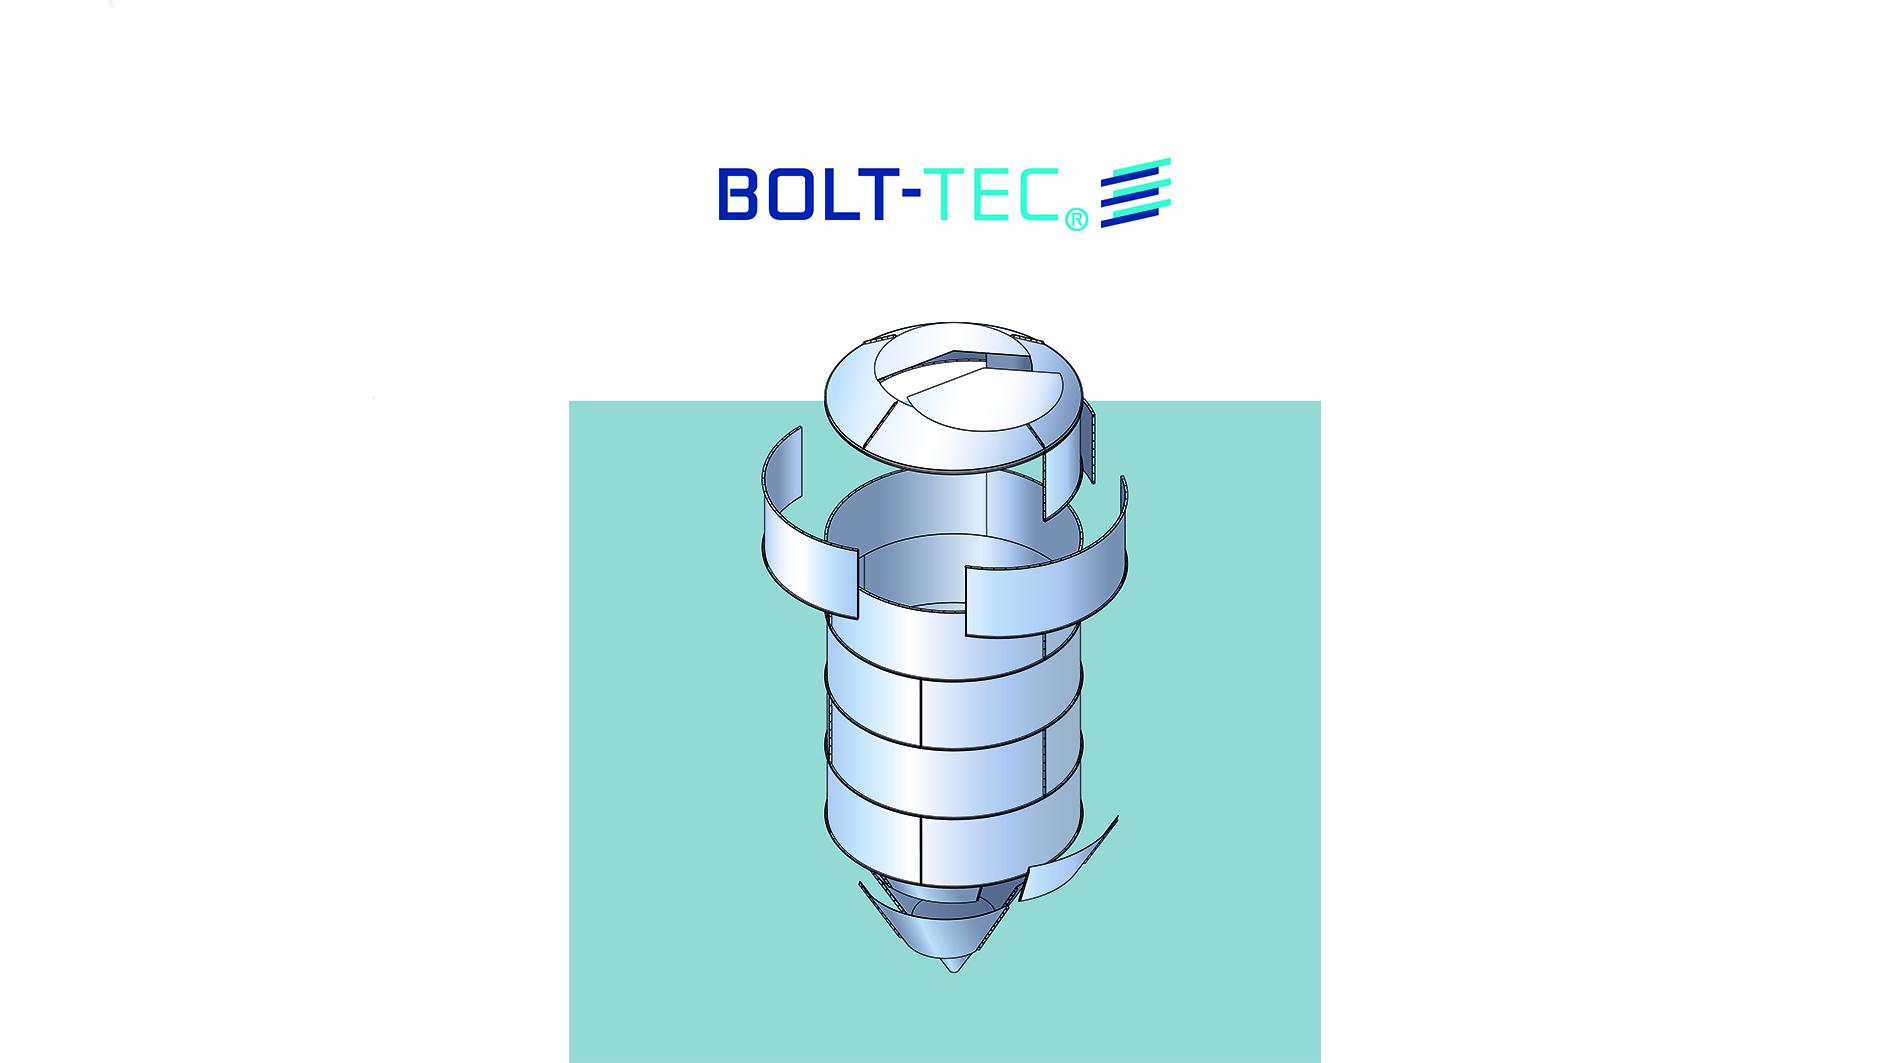 Bolt-Tec